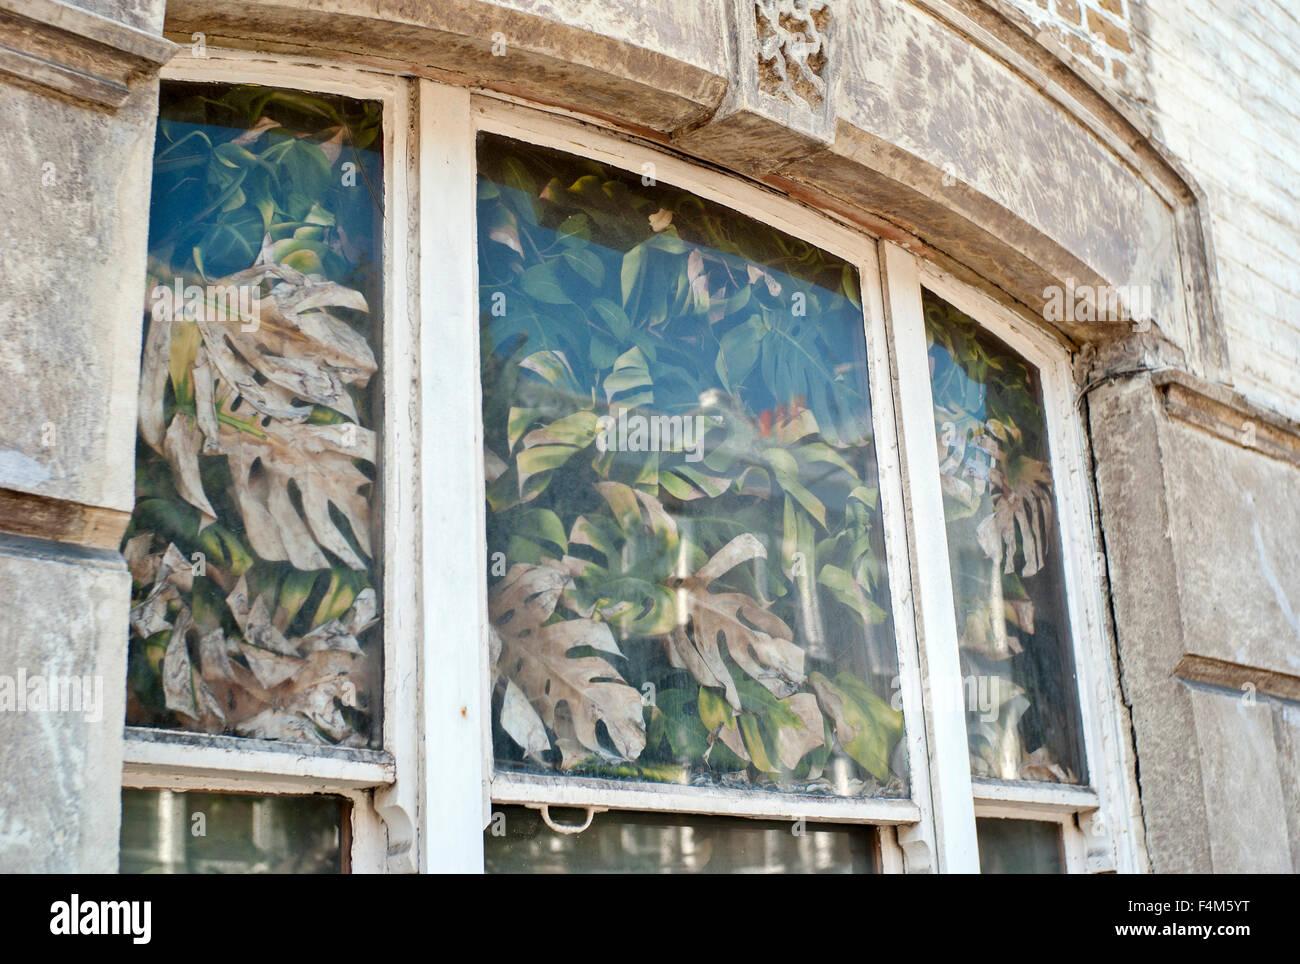 Casa Infestata da Erbacce piante di riempimento nella finestra della casa bloccando la luce Immagini Stock